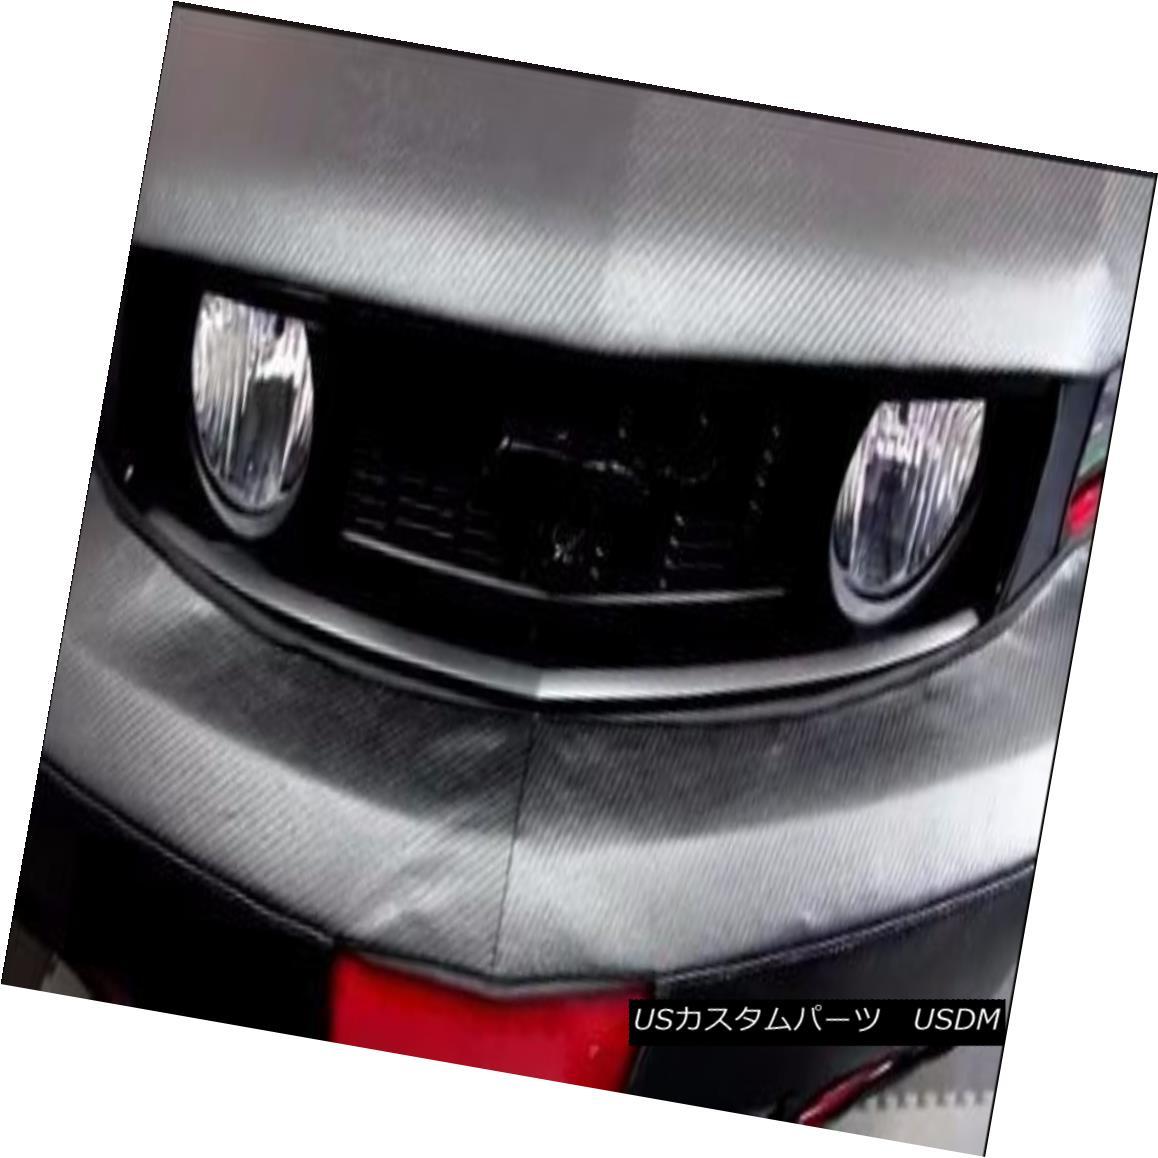 フルブラ ノーズブラ Colgan Front End Mask Bra CF 2pc. Fits Ford Mustang Shelby GT500 2013-2014 W/Tag コルガンフロントエンドマスクブラ2pc。 フィットフォードマスタングシェルビーGT500 2013-2014 W /タグ